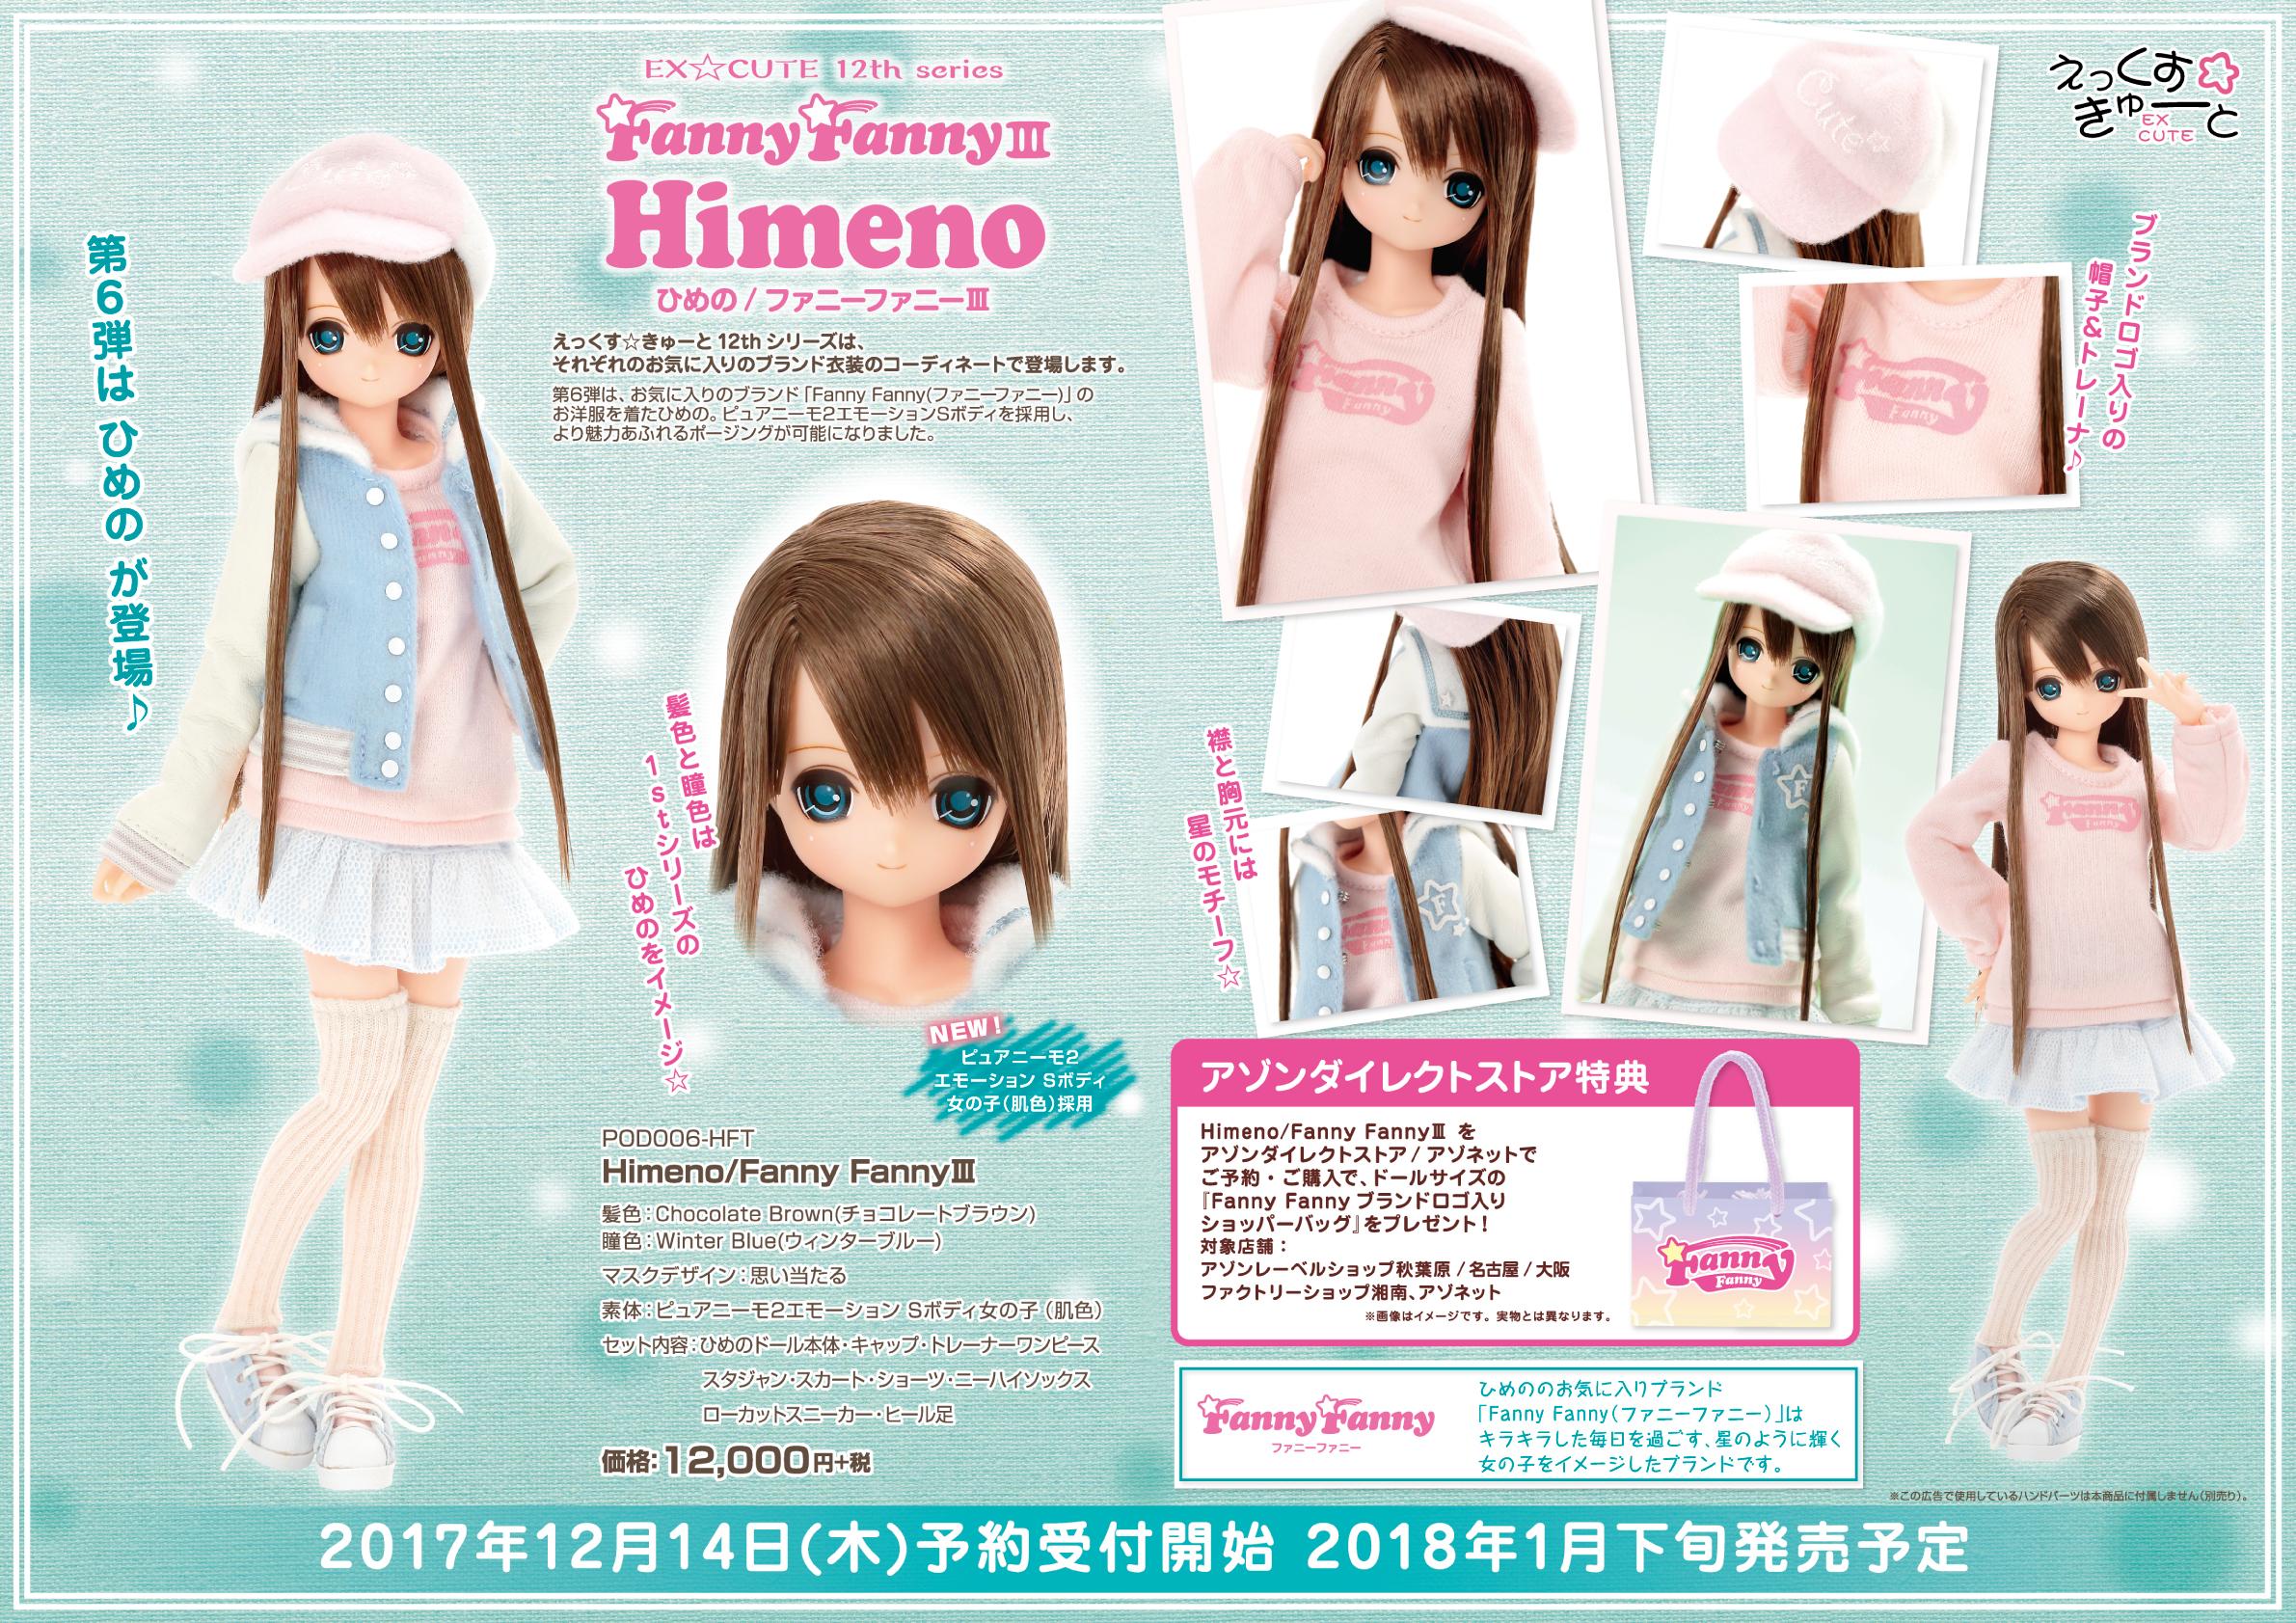 Himeno/Fanny FannyⅢ